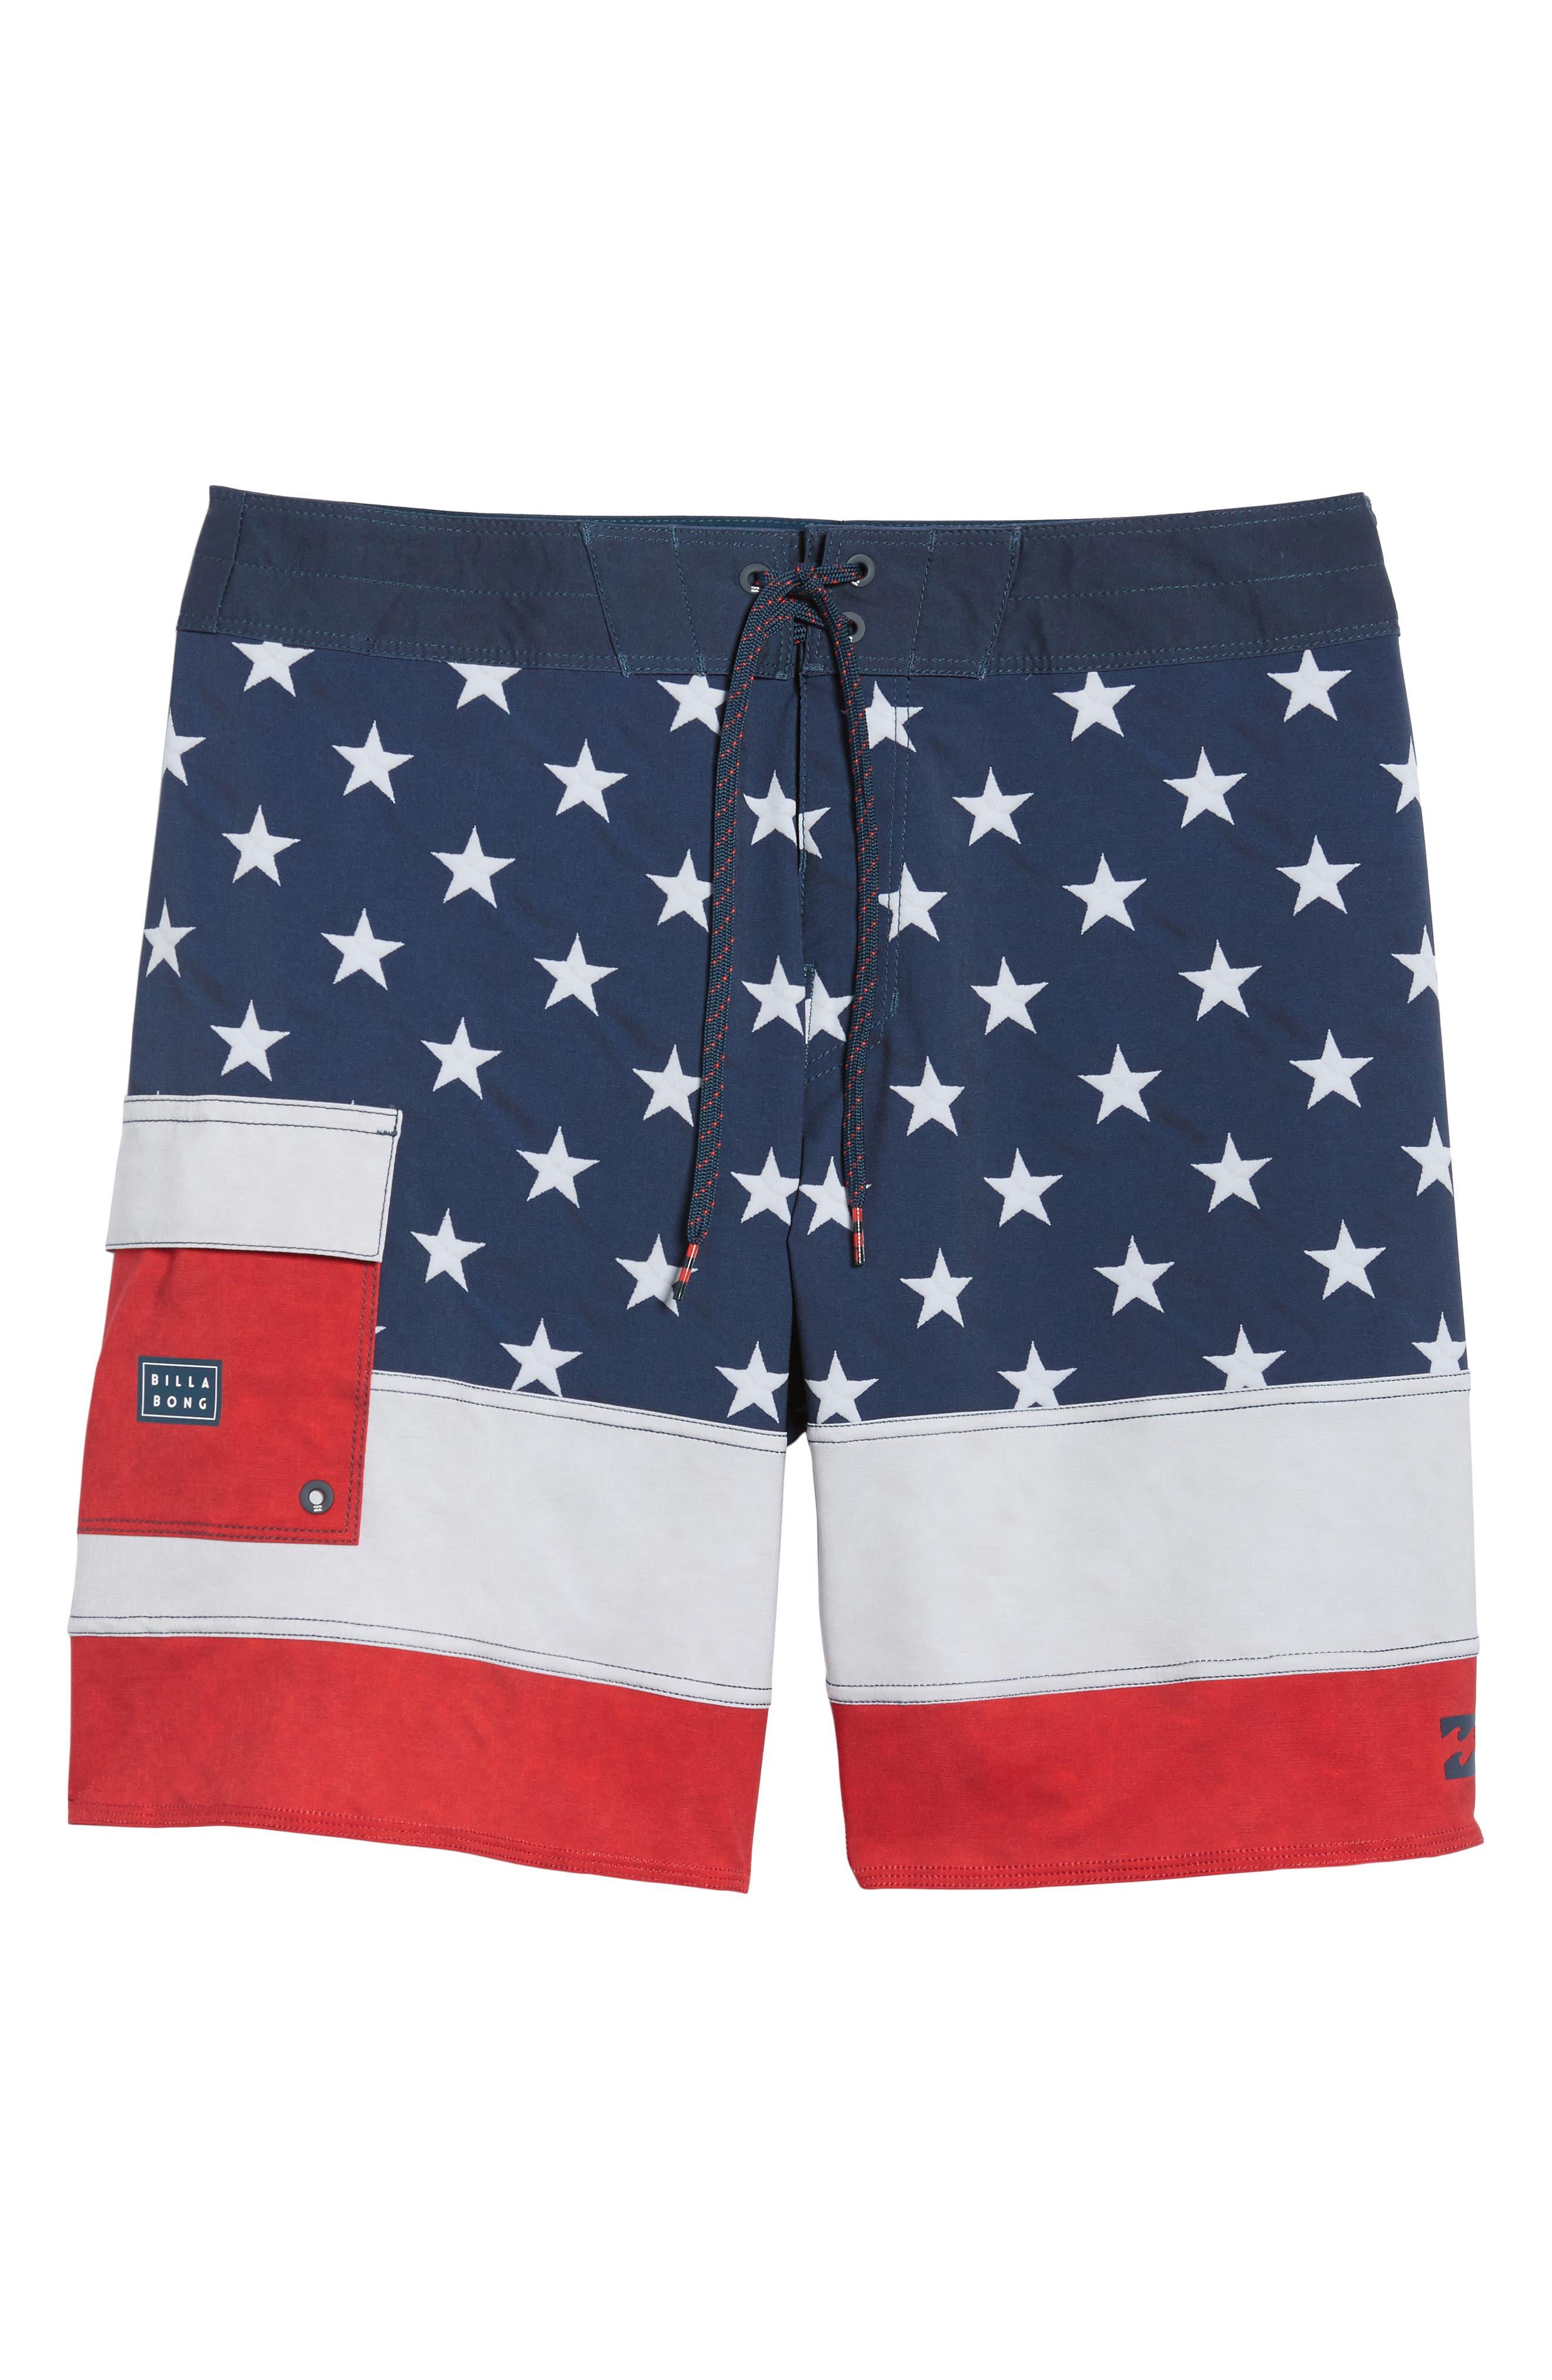 Pump X Board Shorts,                             Alternate thumbnail 6, color,                             Navy